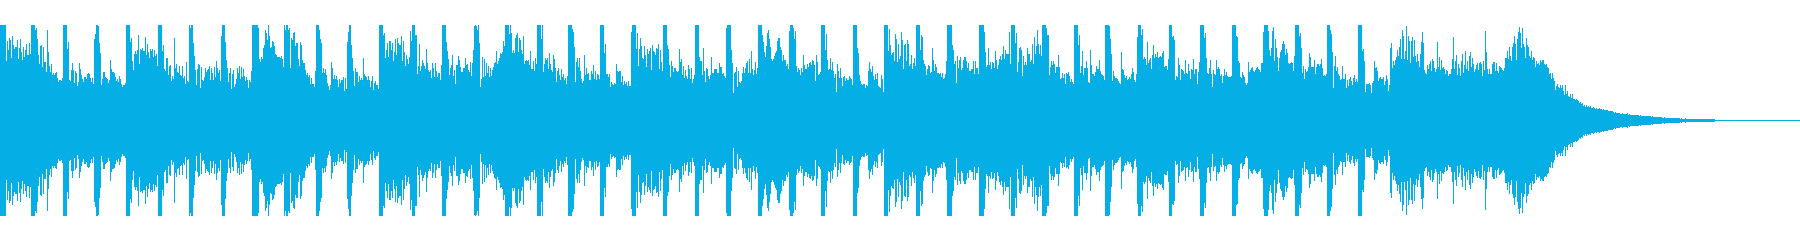 新製品プレゼンテーション(30秒)の再生済みの波形